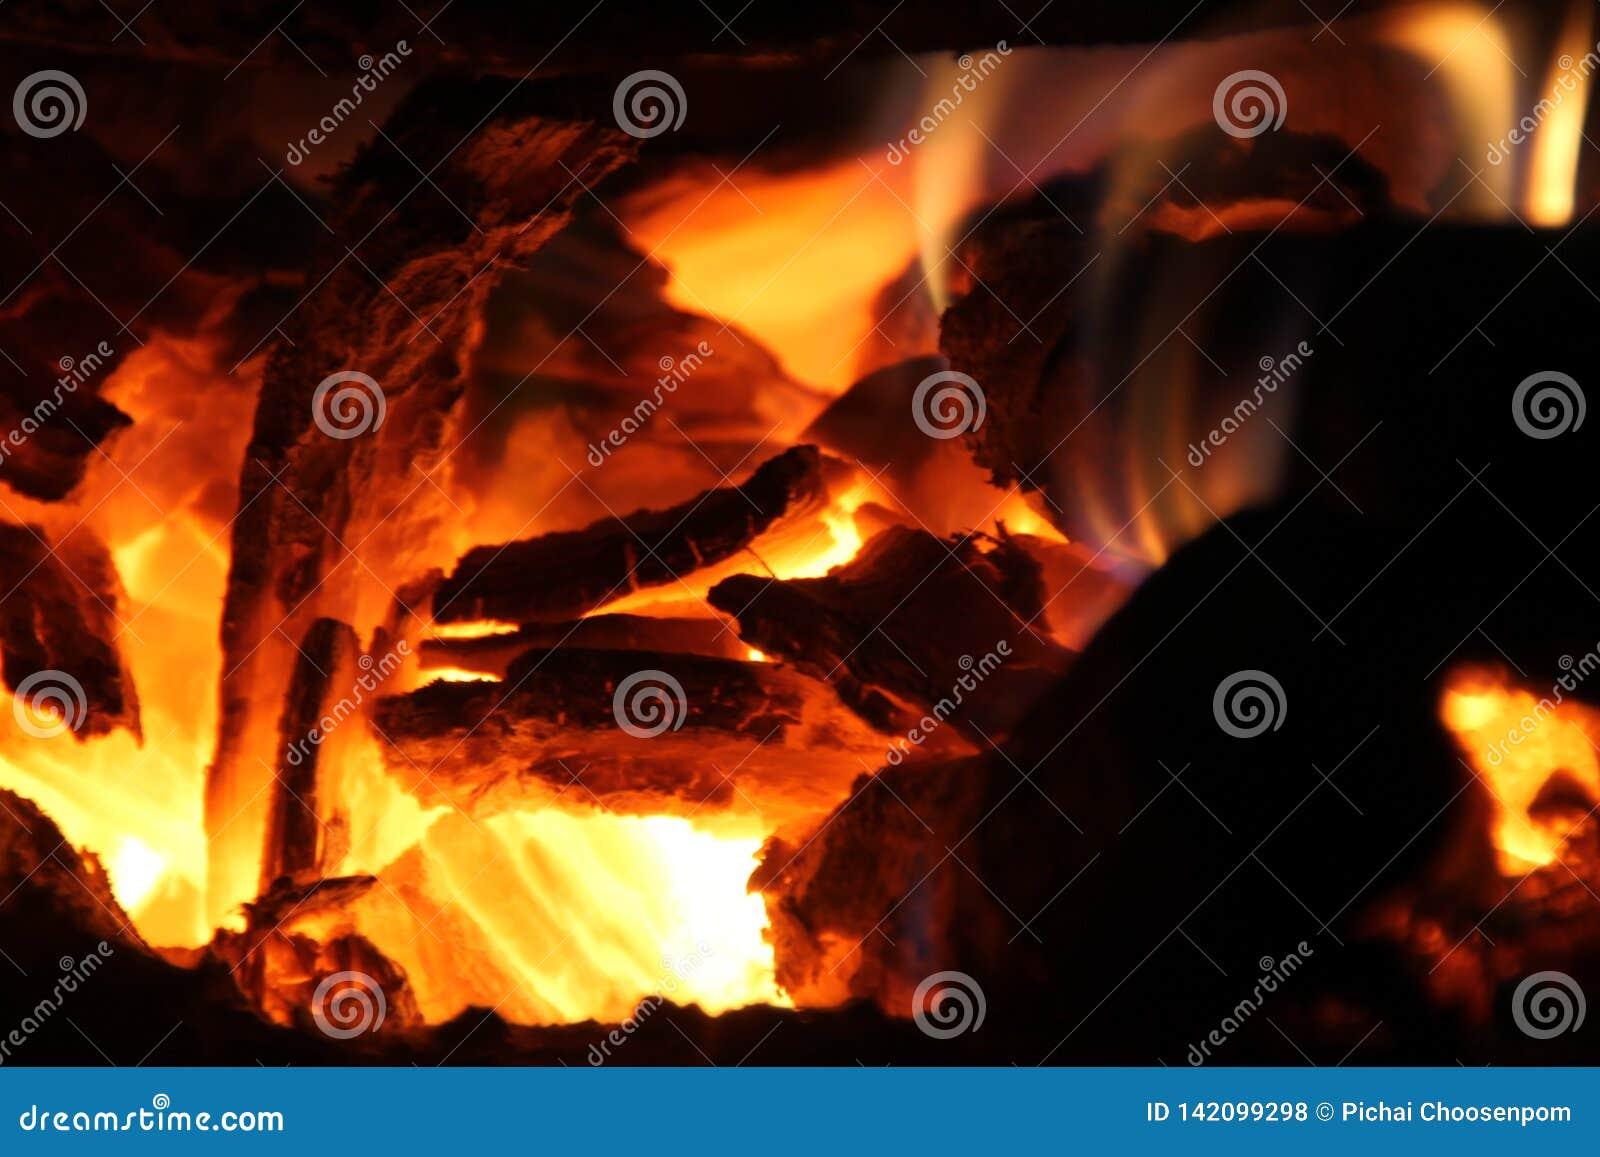 Bois de chauffage brûlant dans le fourneau pour faire cuire, braises, charbons rougeoyants